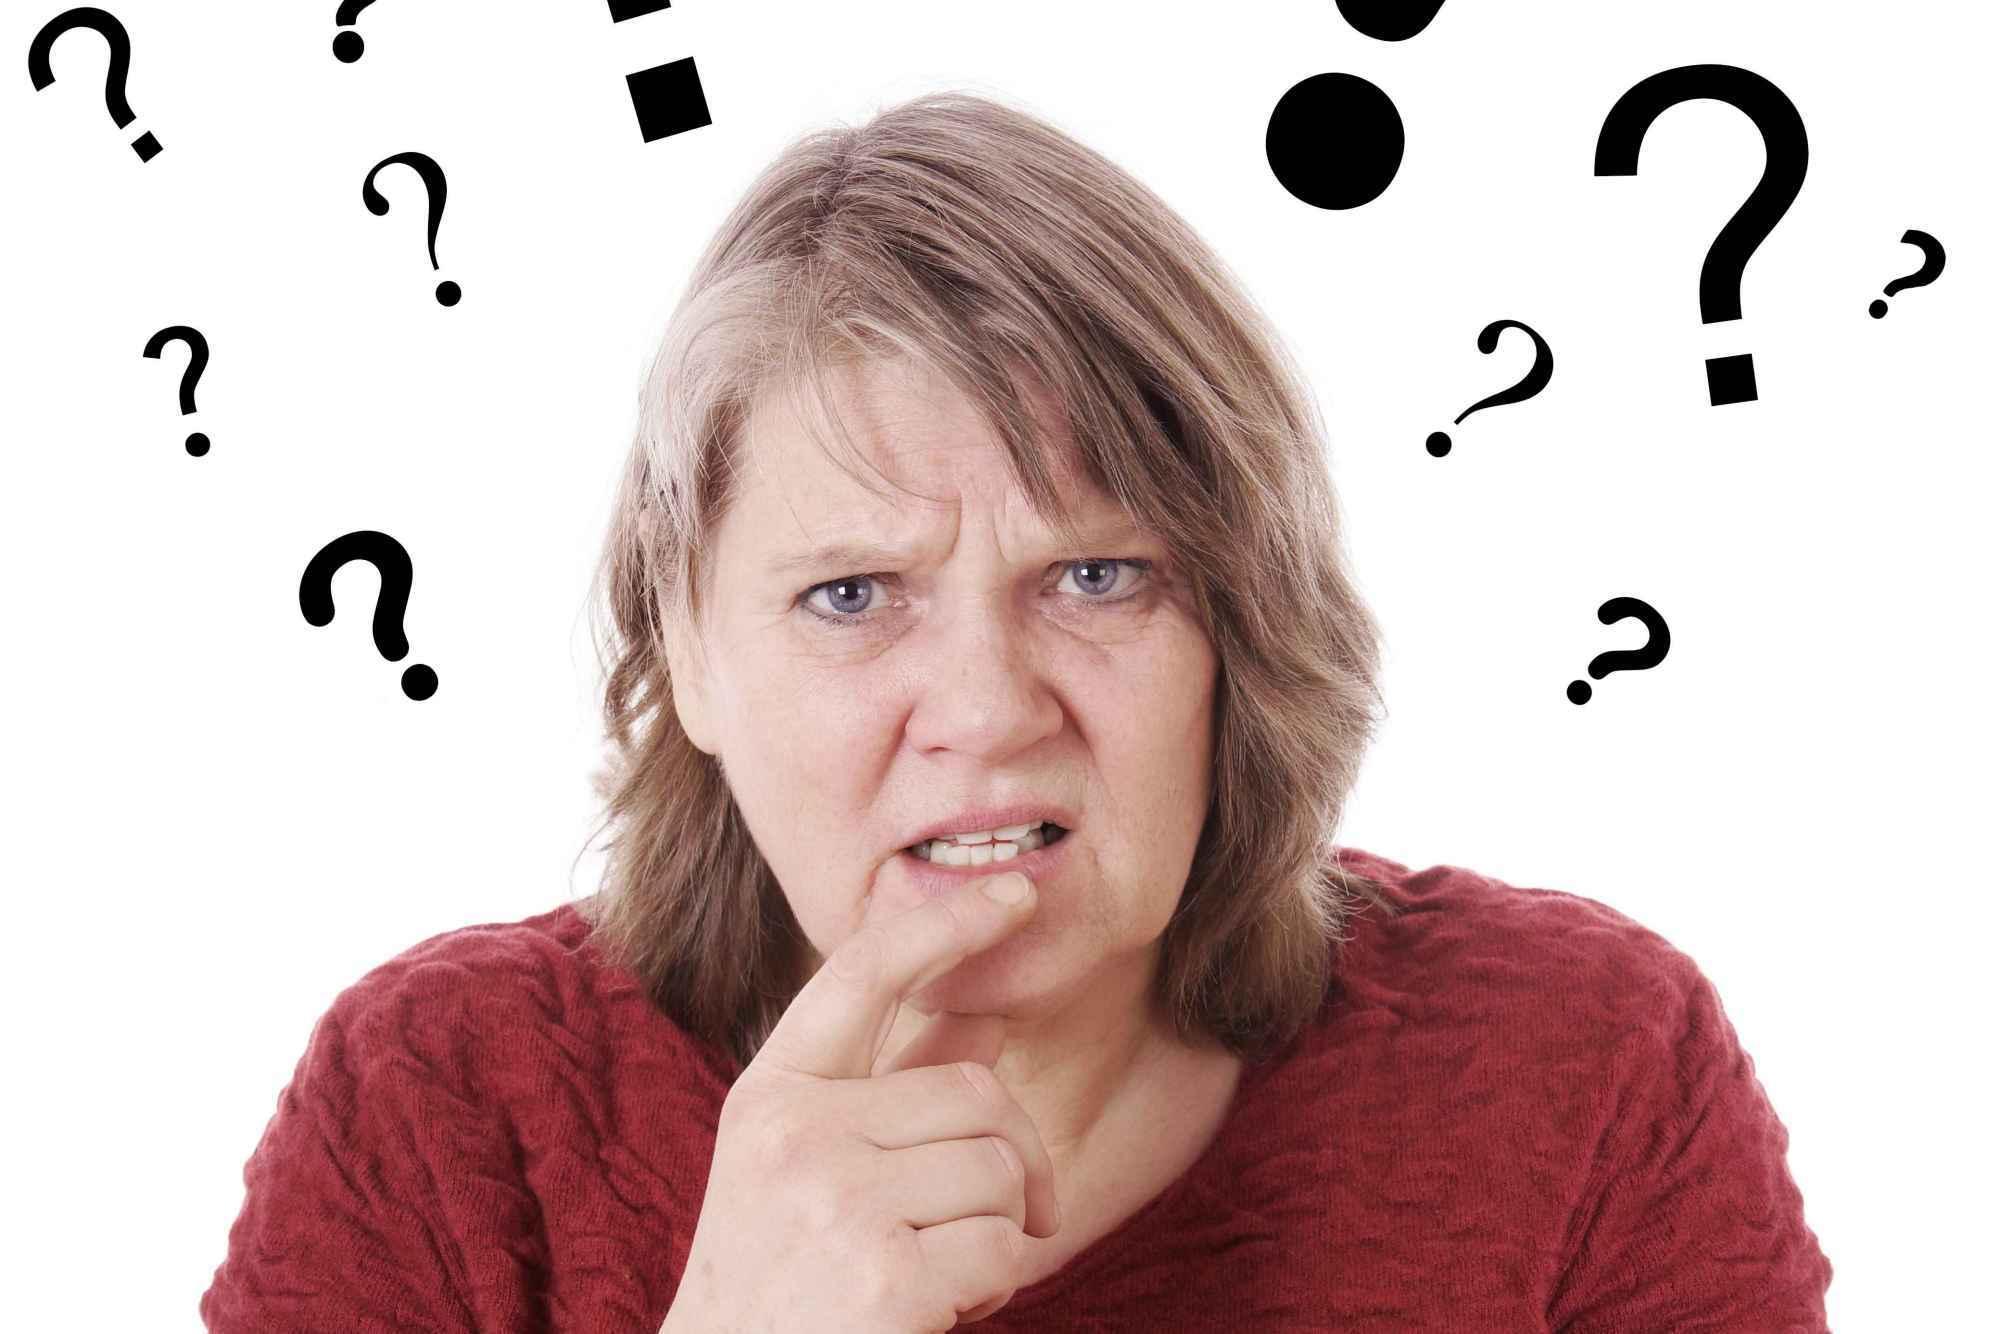 熬夜的人不易患老年痴呆?只是条件太苛刻,成功代价太大